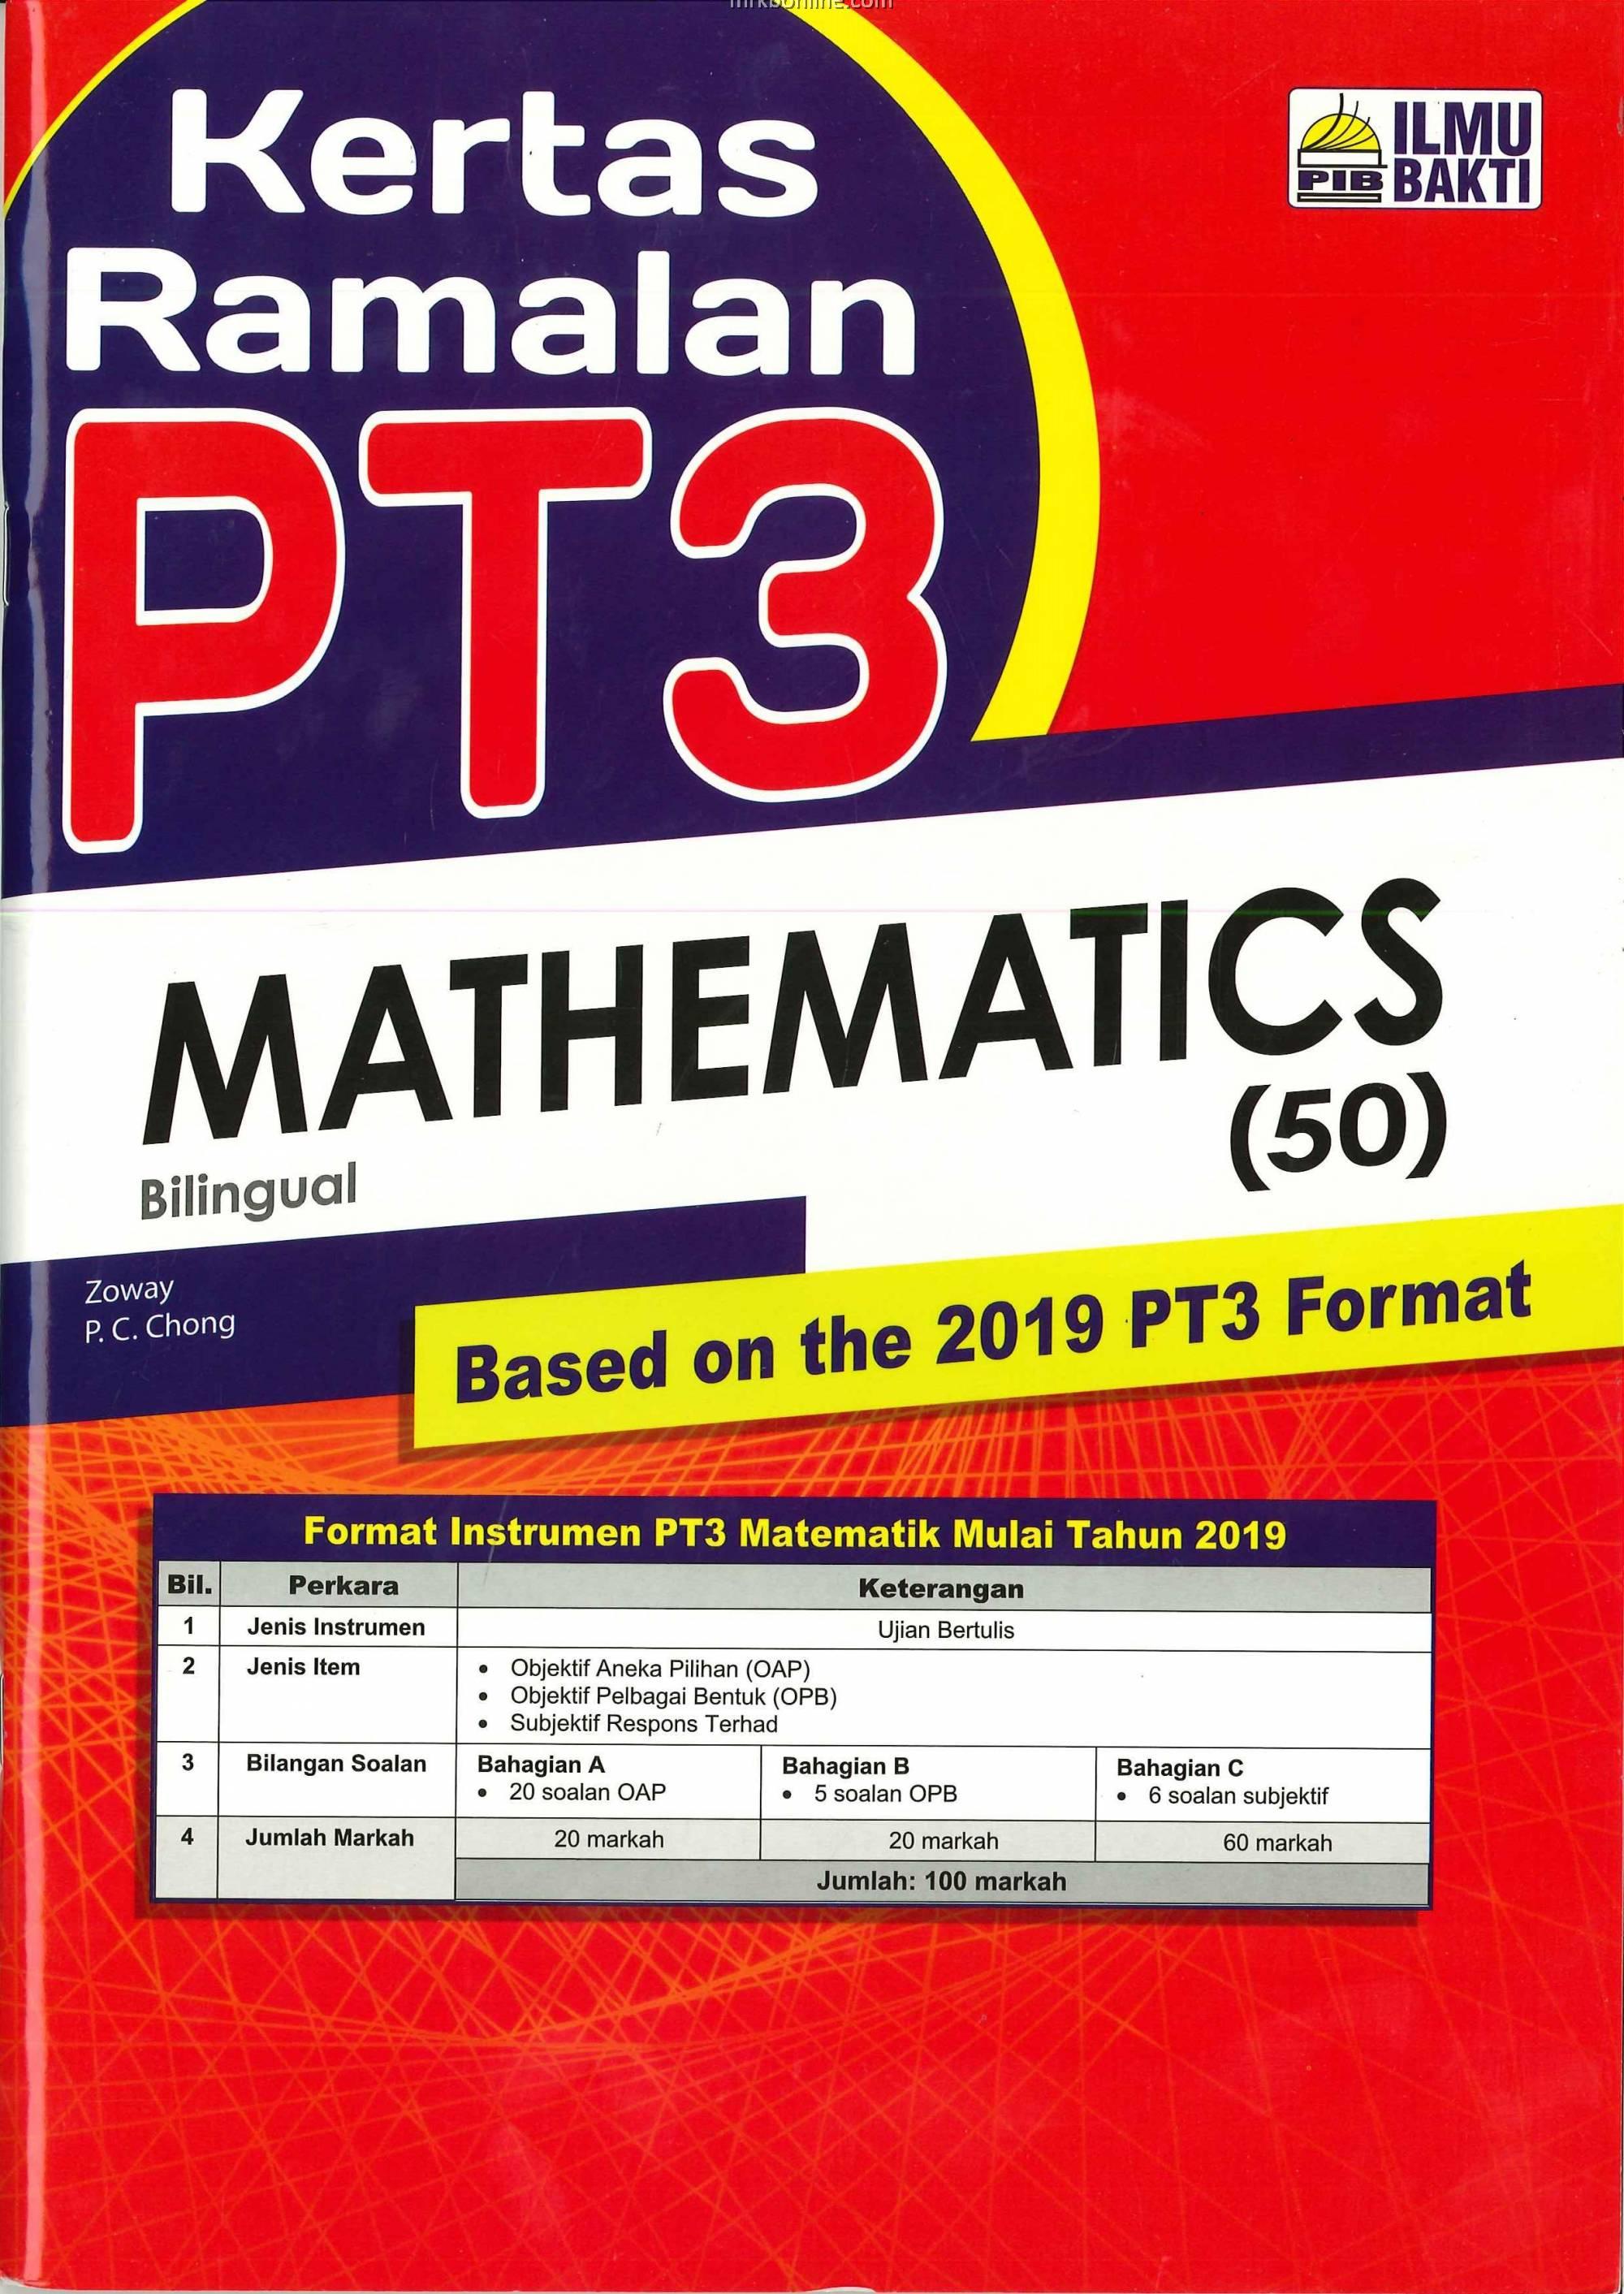 Kertas Ramalan Pt3 Mathematics Bilingual